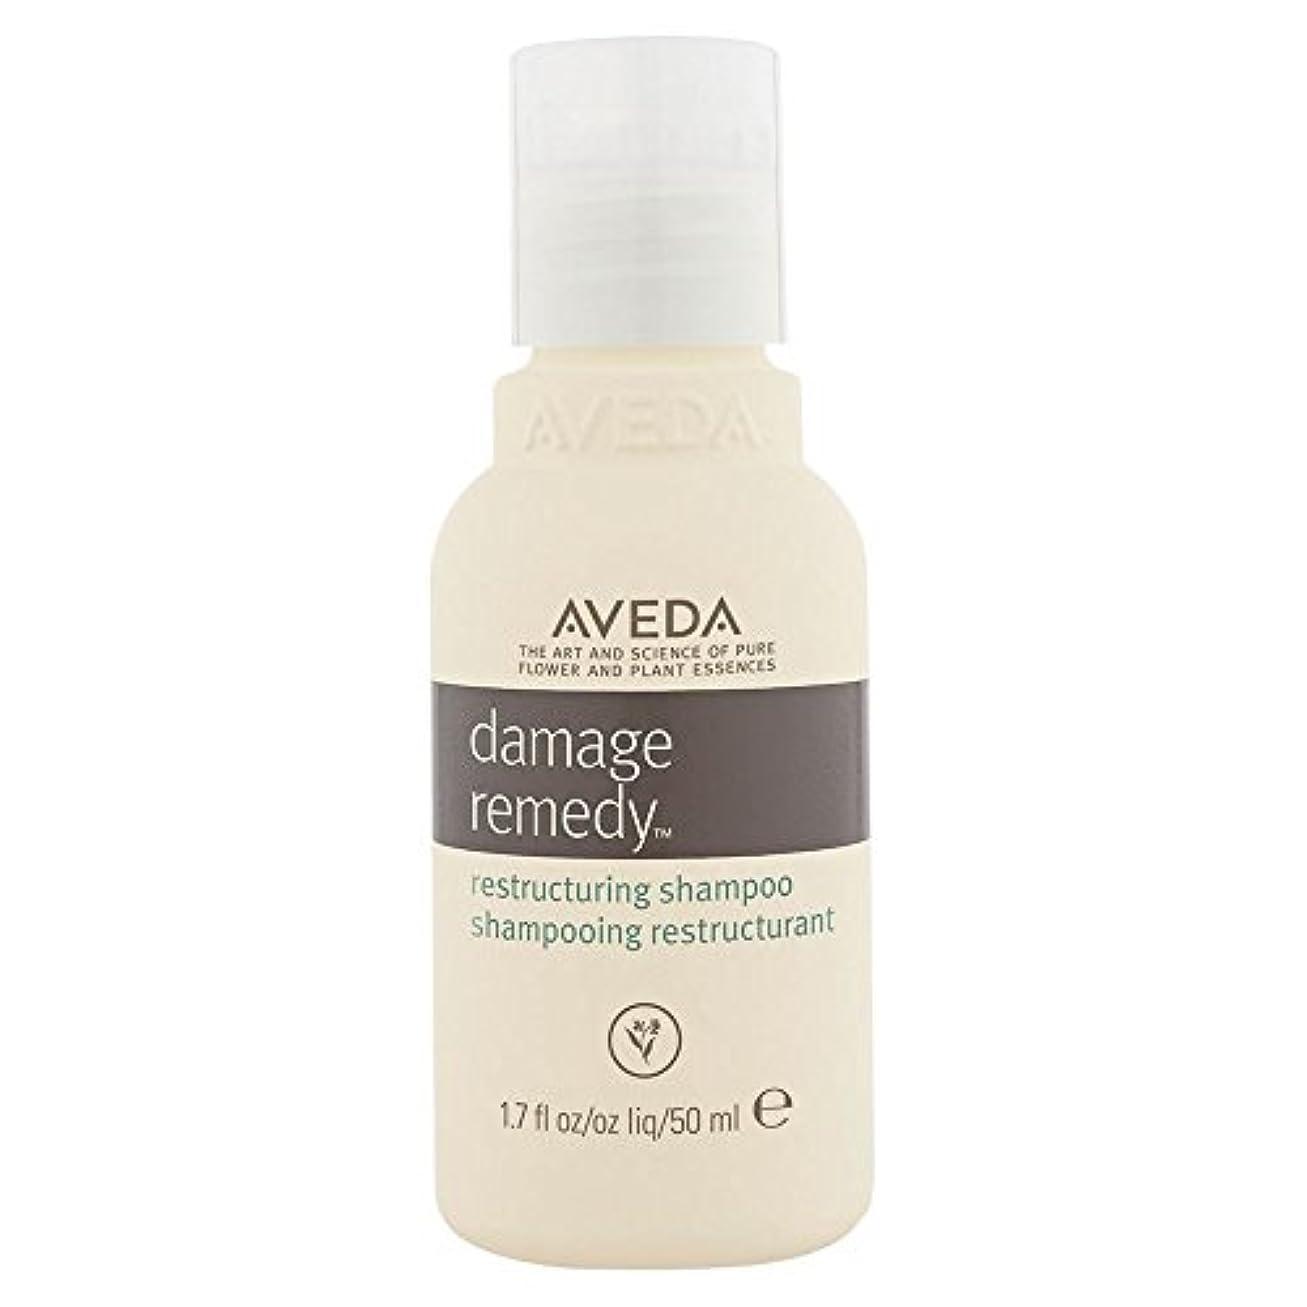 シャックル割り当て神秘的な[AVEDA] アヴェダダメージ救済再編シャンプー - Aveda Damage Remedy Restructuring Shampoo [並行輸入品]